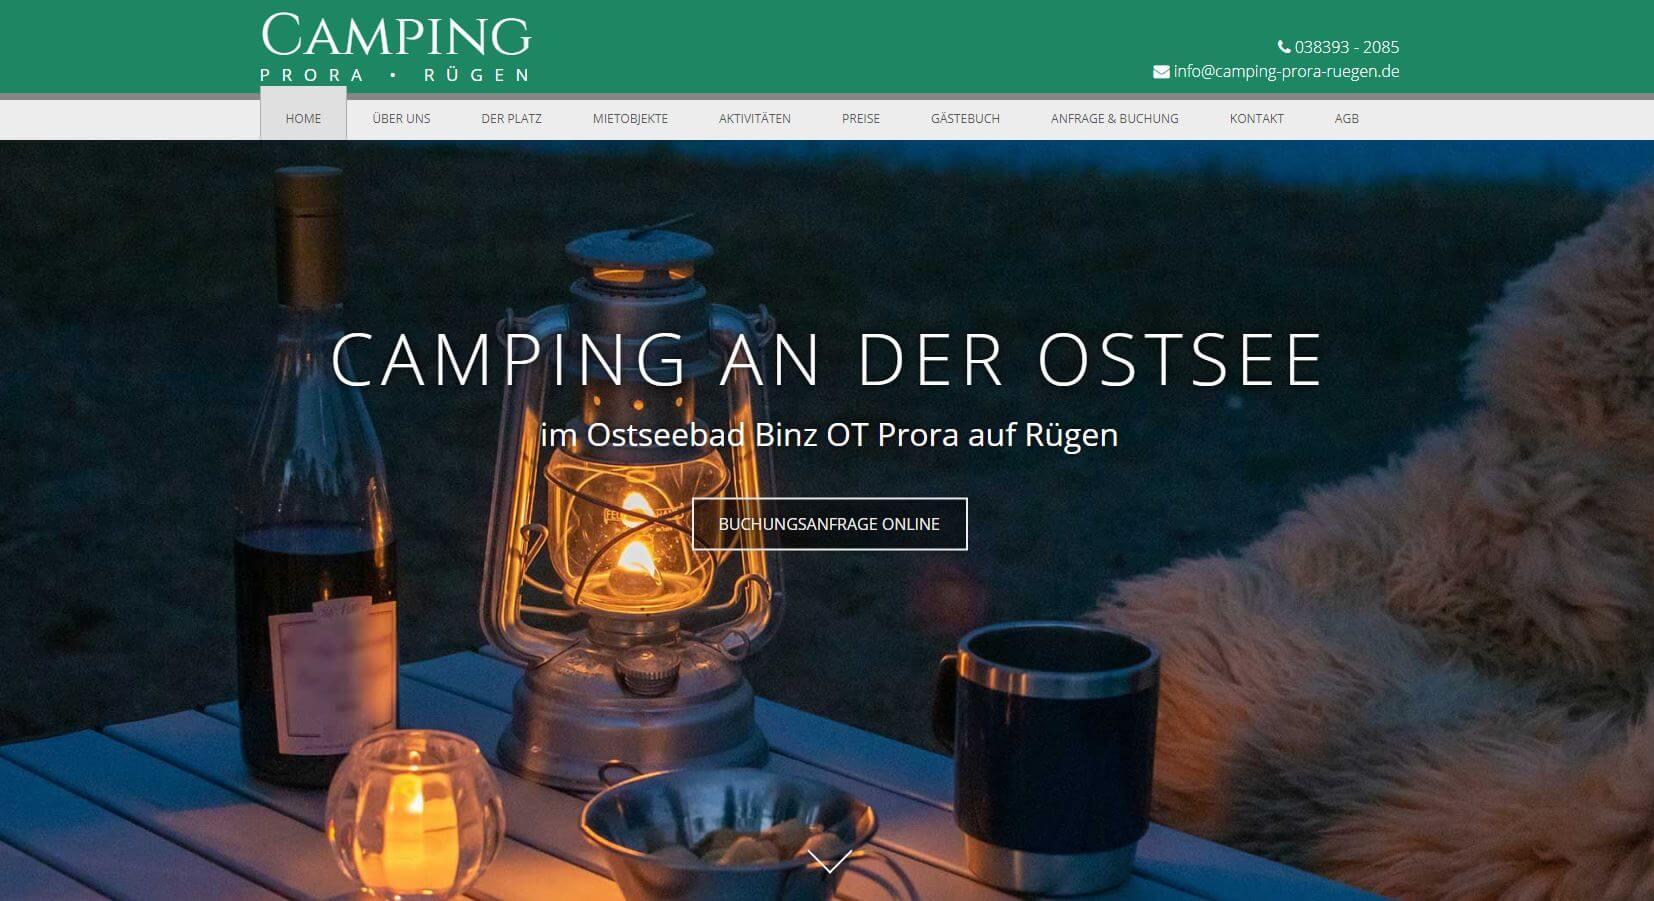 Homepage Referenz Camping Prora Rügen